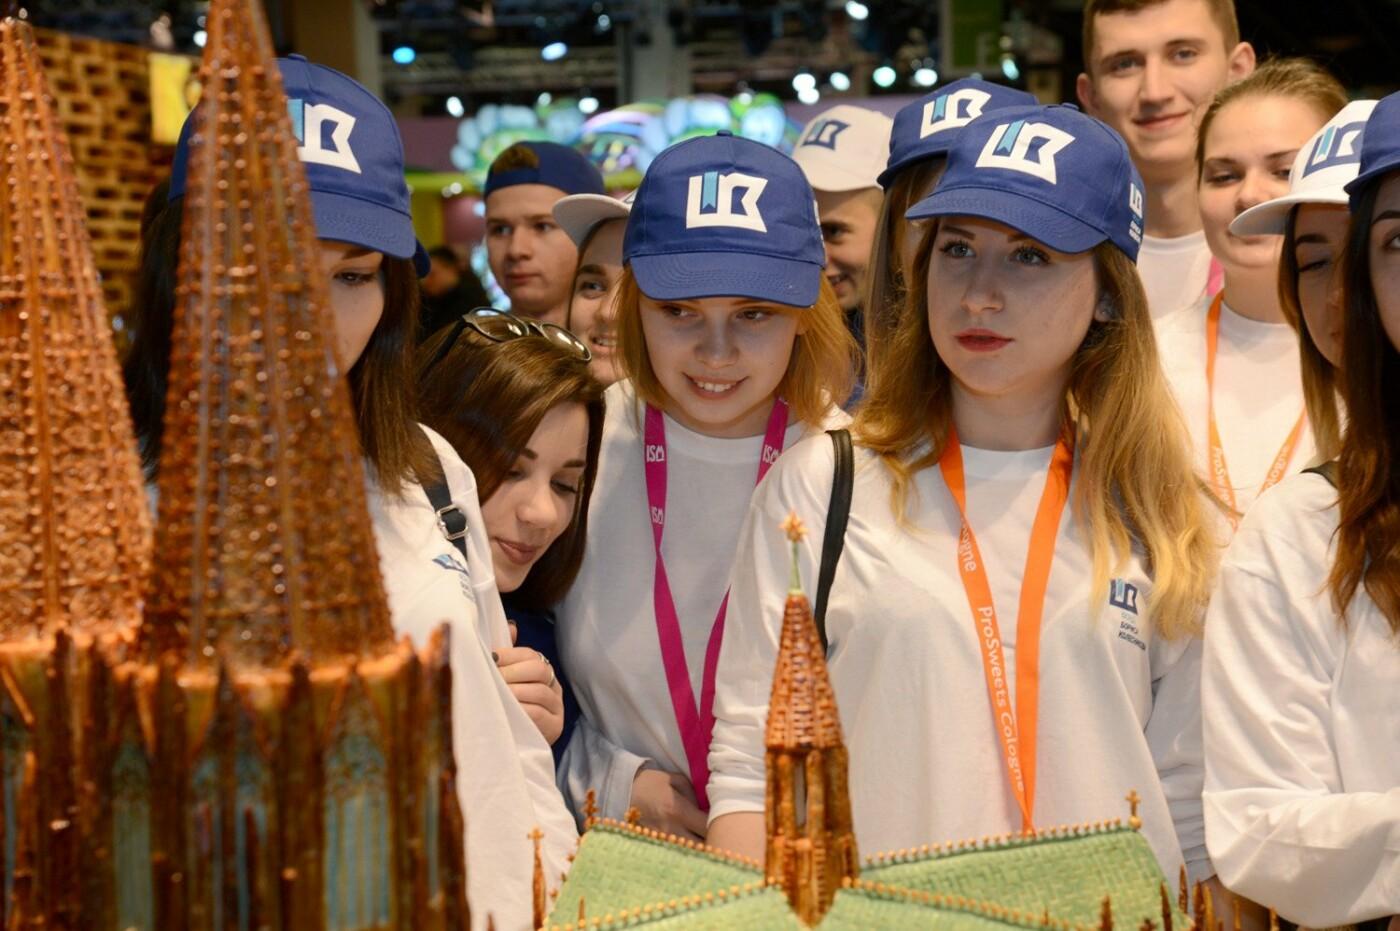 Борис Колесников и украинские студенты оценили достижения кондитеров со всего мира в Кельне, фото-1